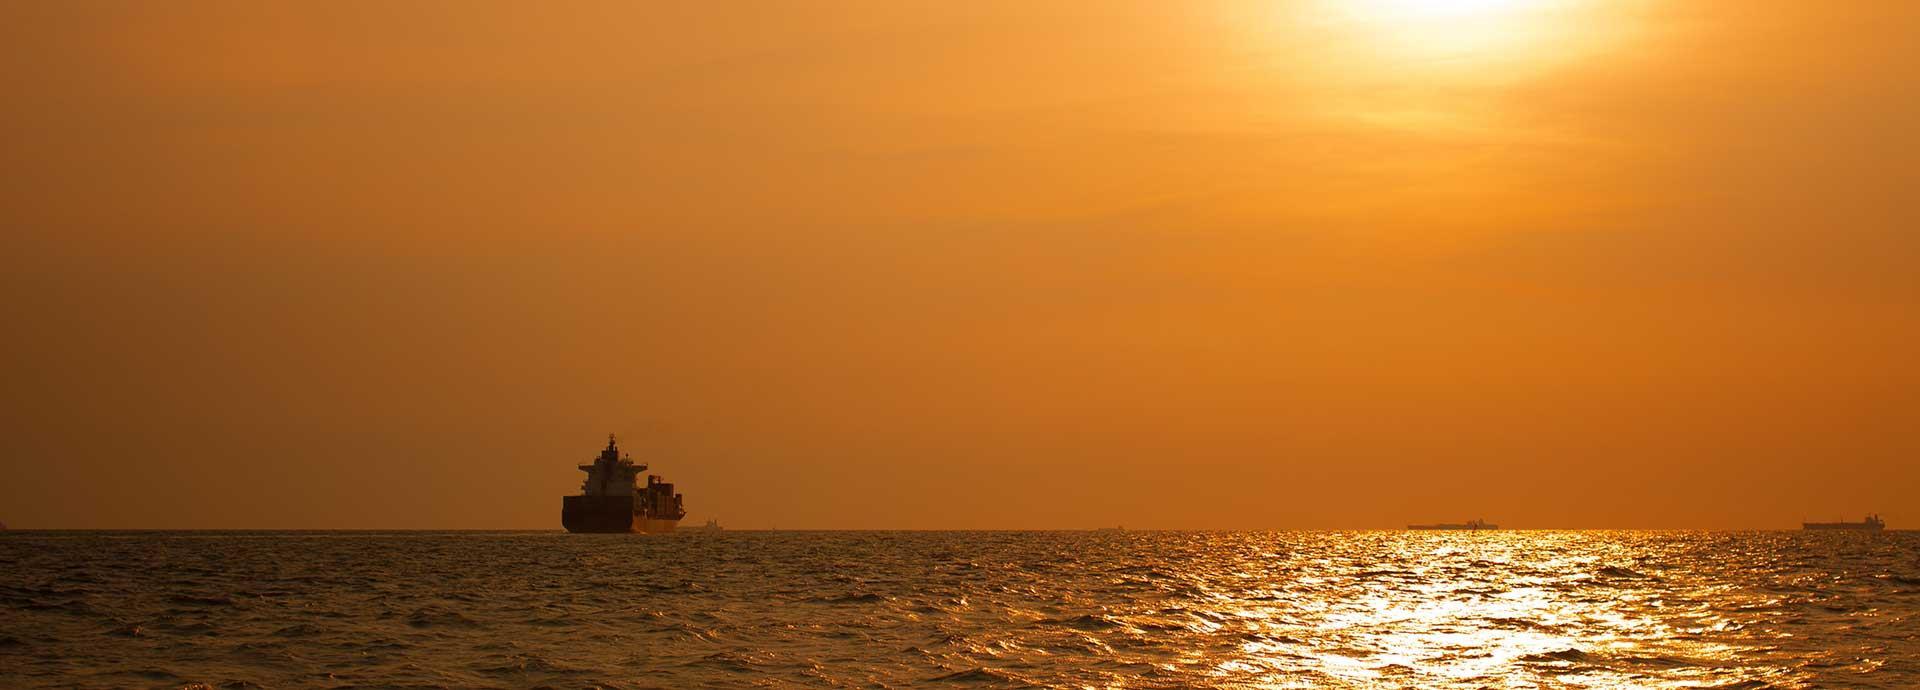 Connectivity on the high seas